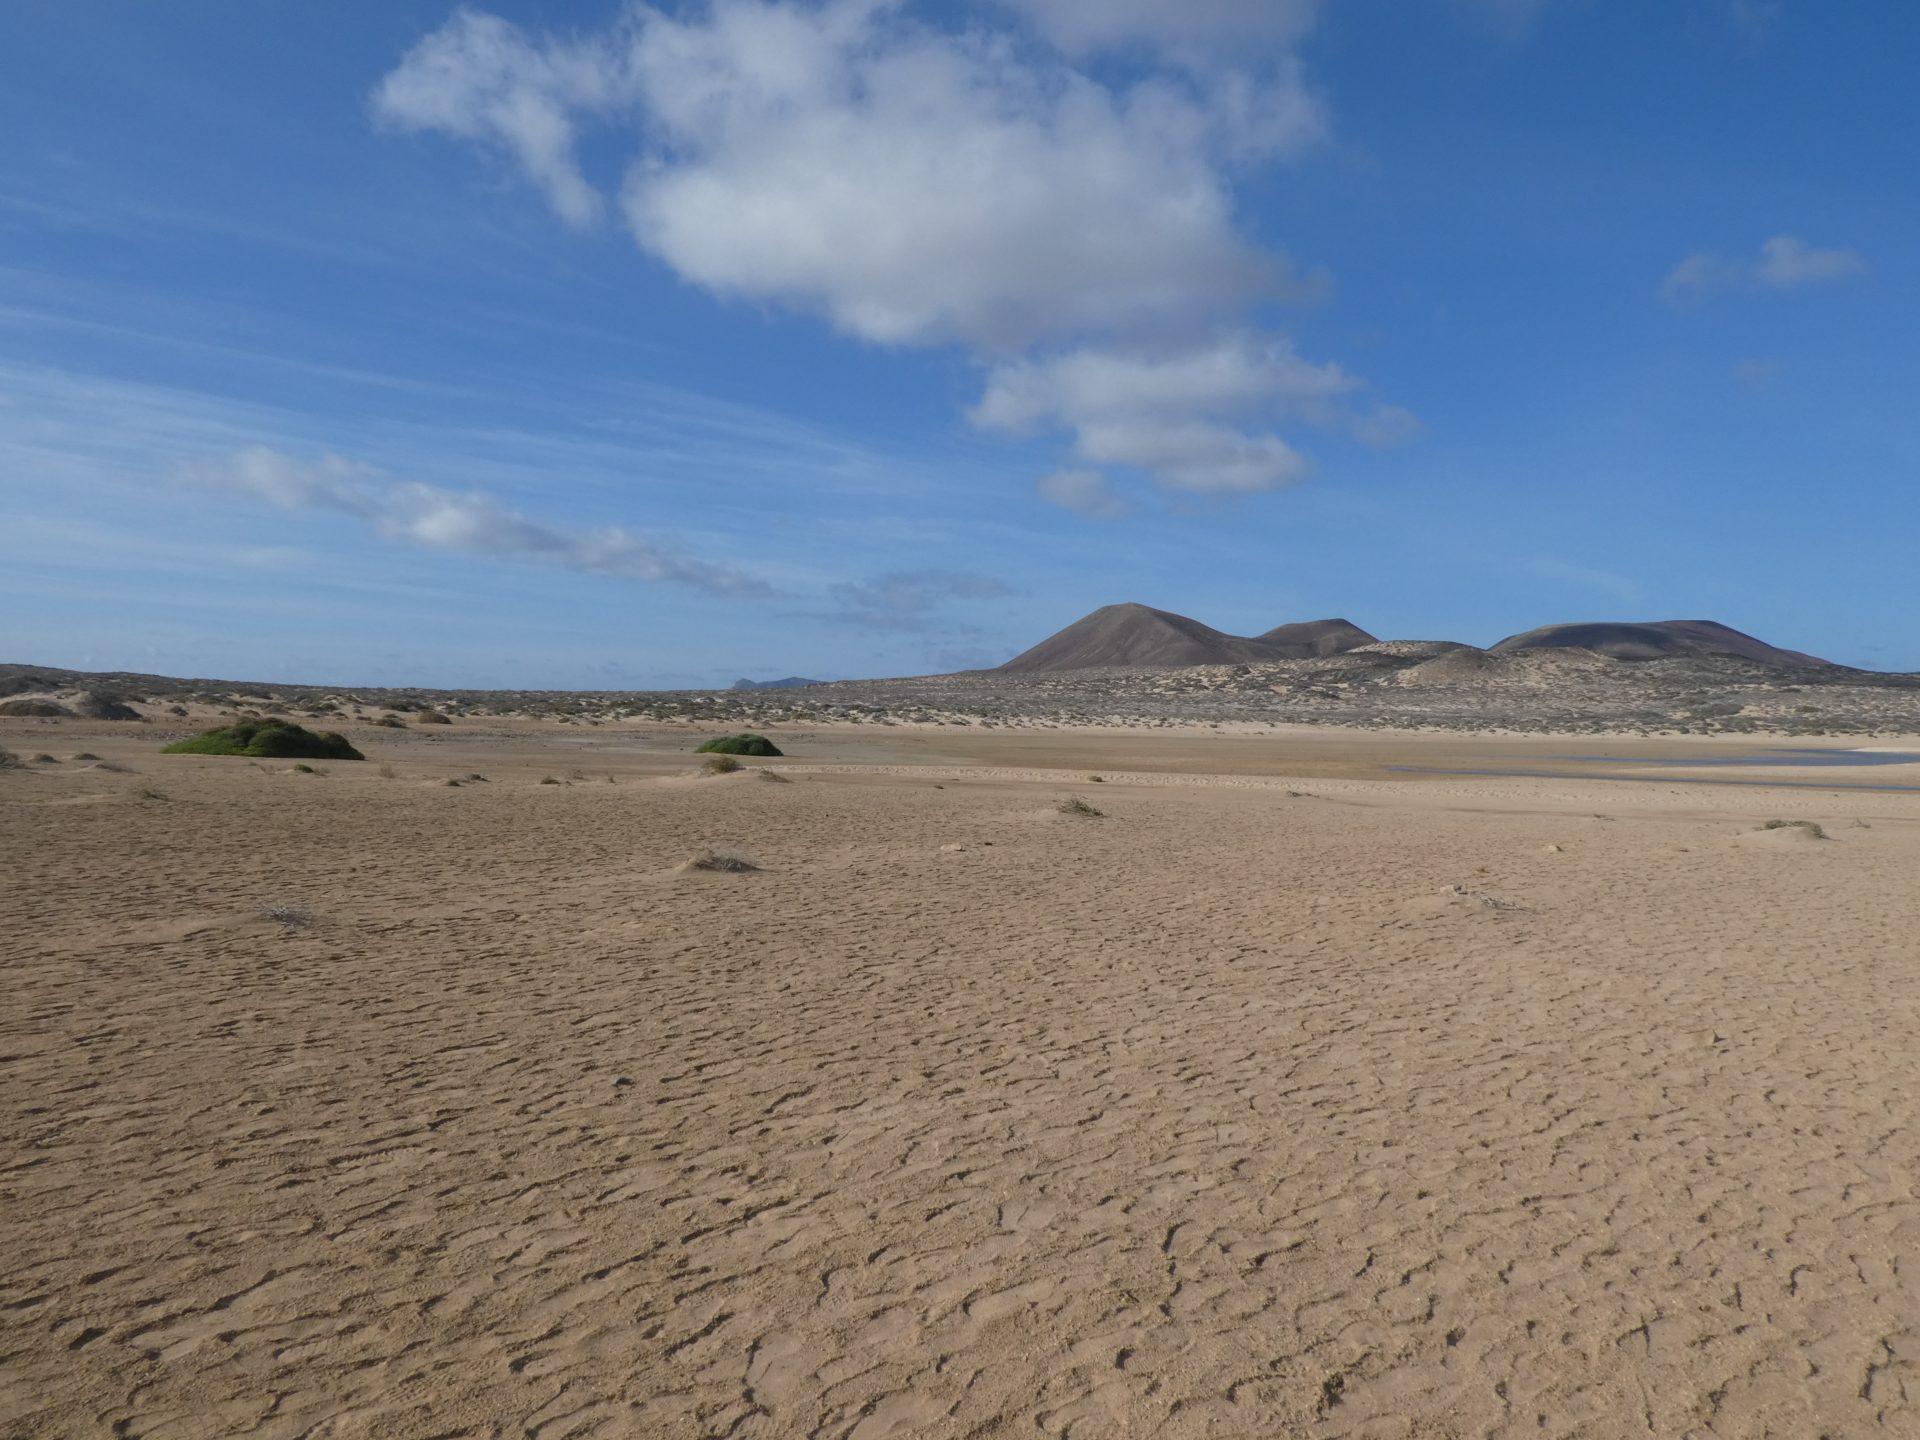 Les plus belles plages de l'île de Lanzarote, les plages de l'île de la Graciosa